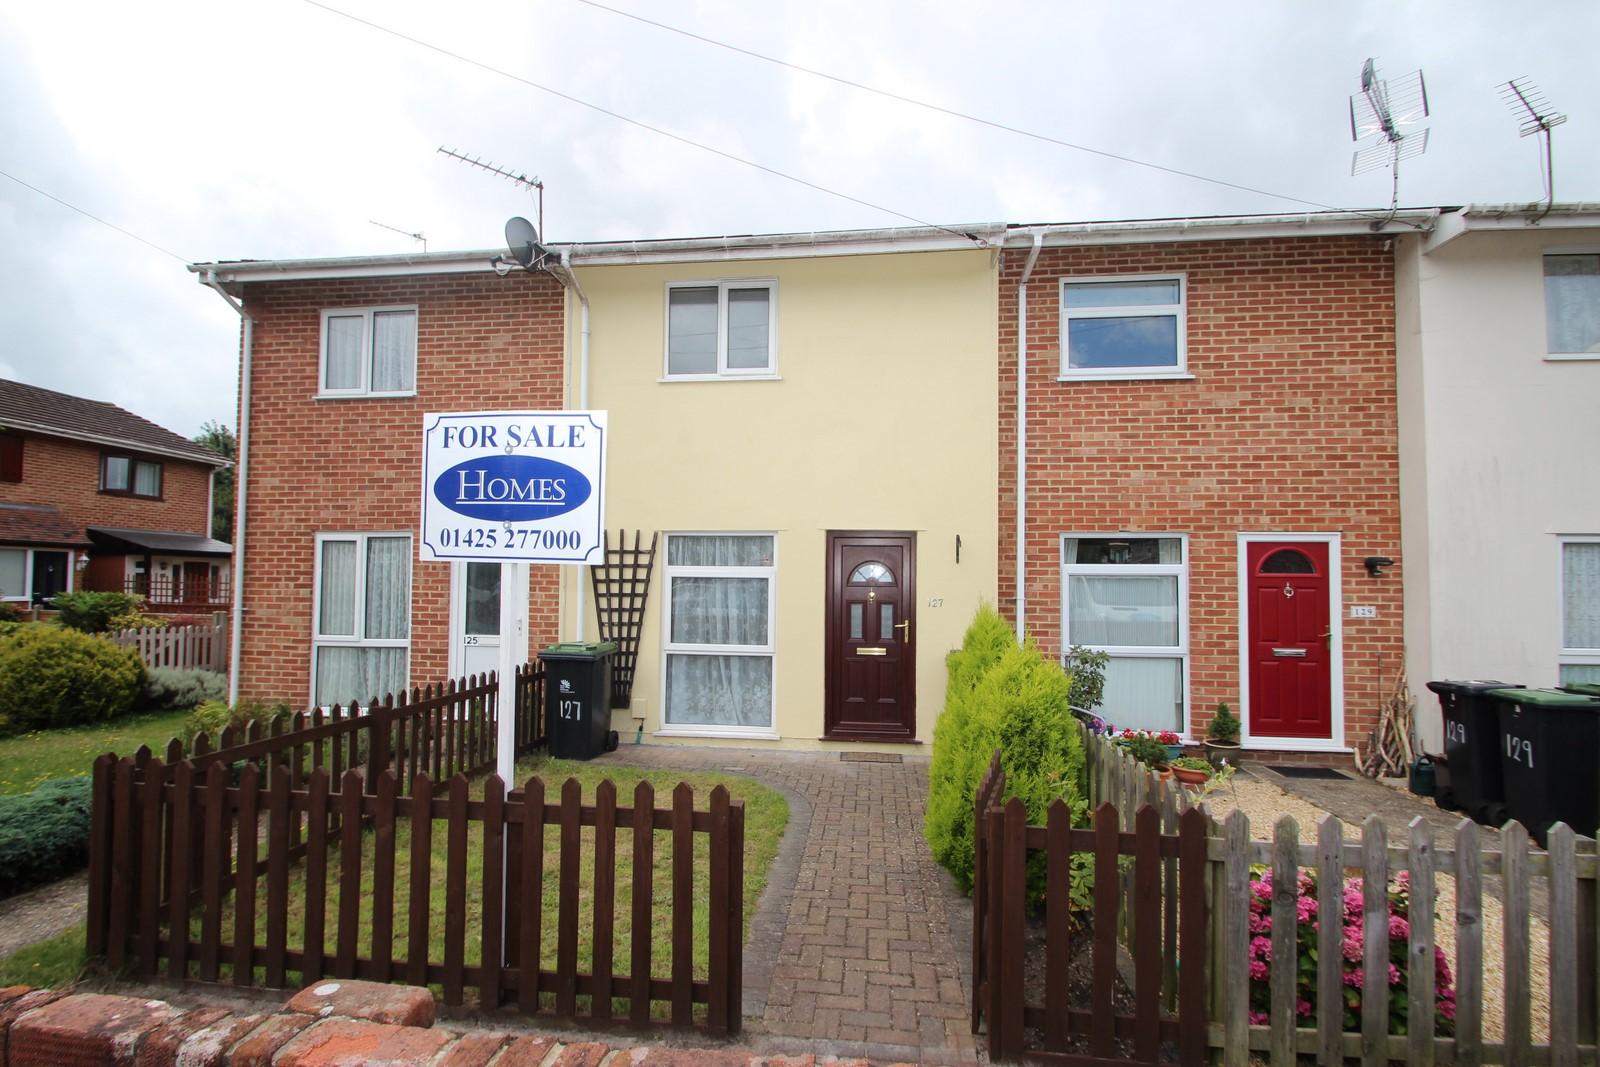 2 Bedroom House in Burton